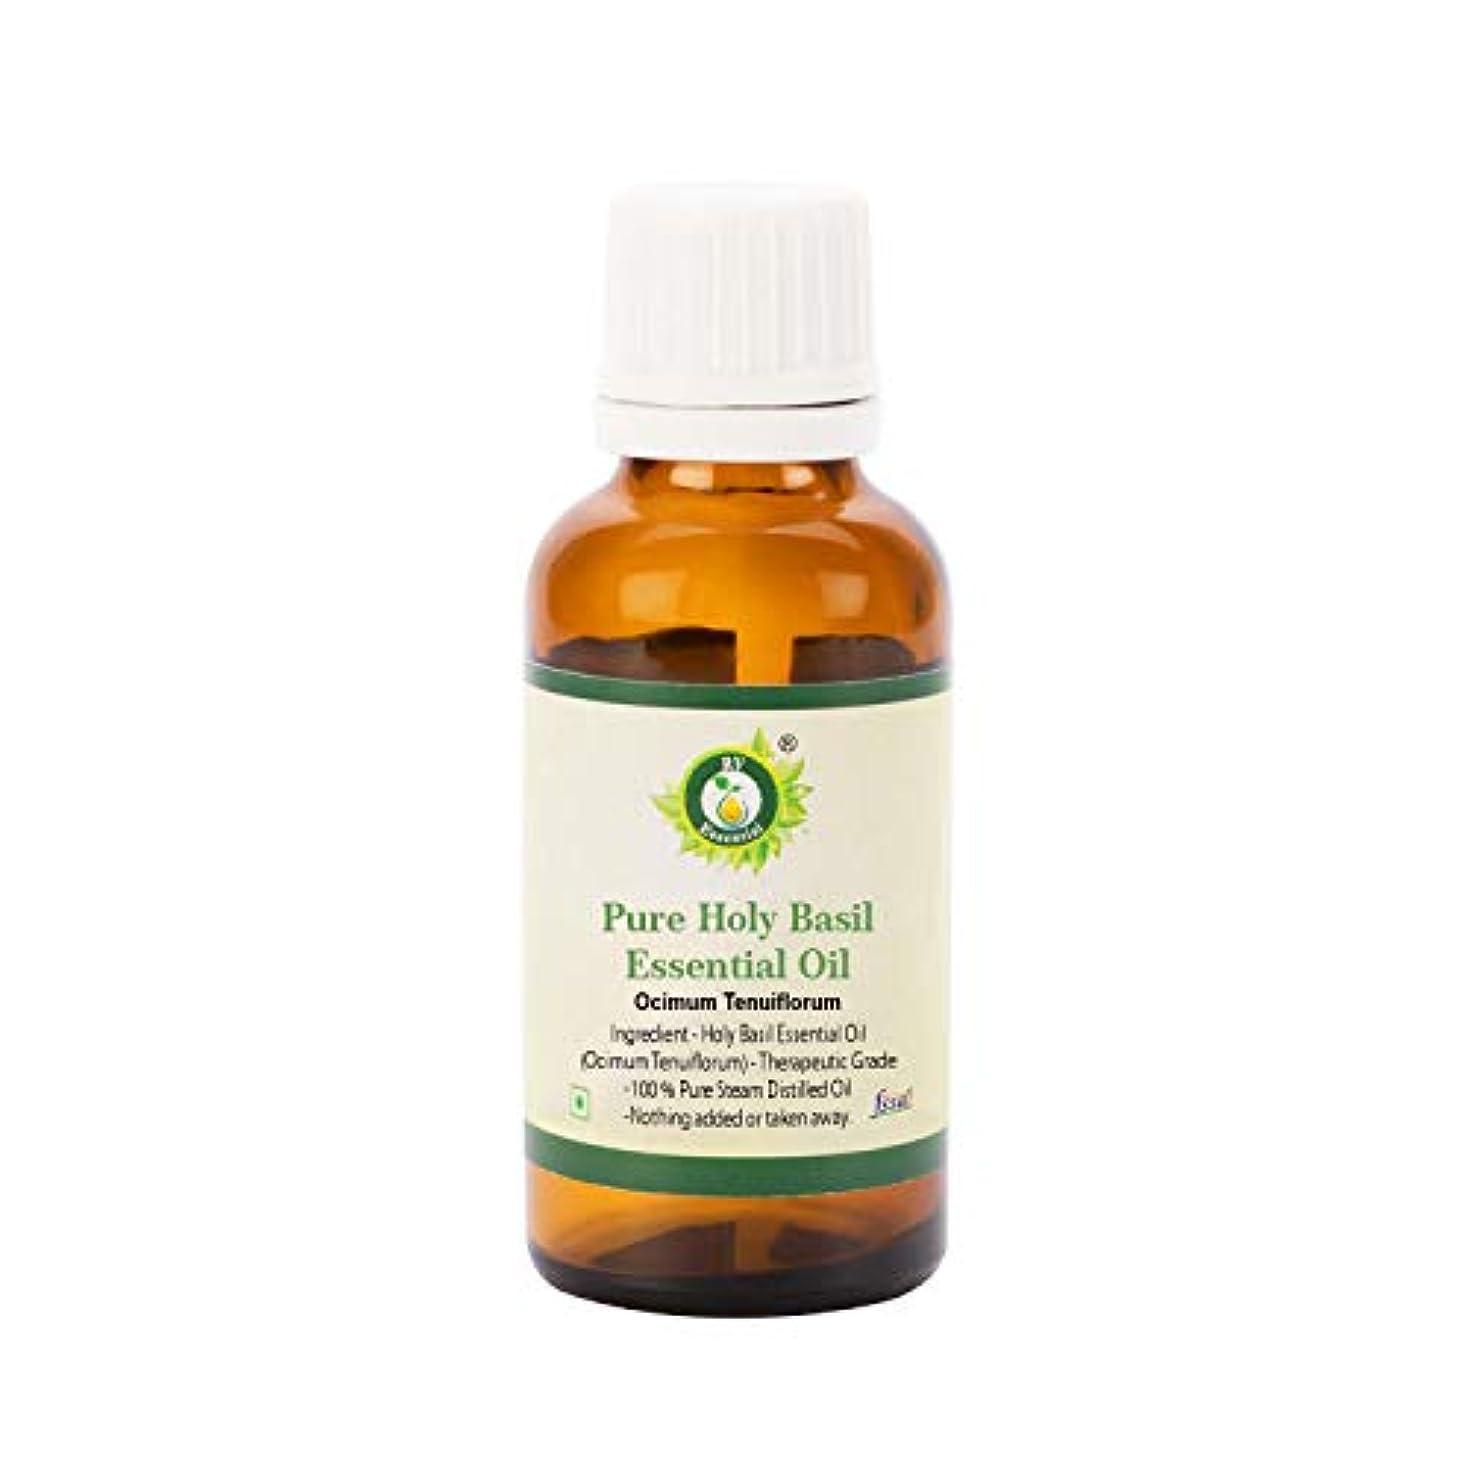 ふざけた破壊的なひまわりR V Essential ピュアホーリーバジルエッセンシャルオイル30ml (1.01oz)- Ocimum Tenuiflorum (100%純粋&天然スチームDistilled) Pure Holy Basil Essential...